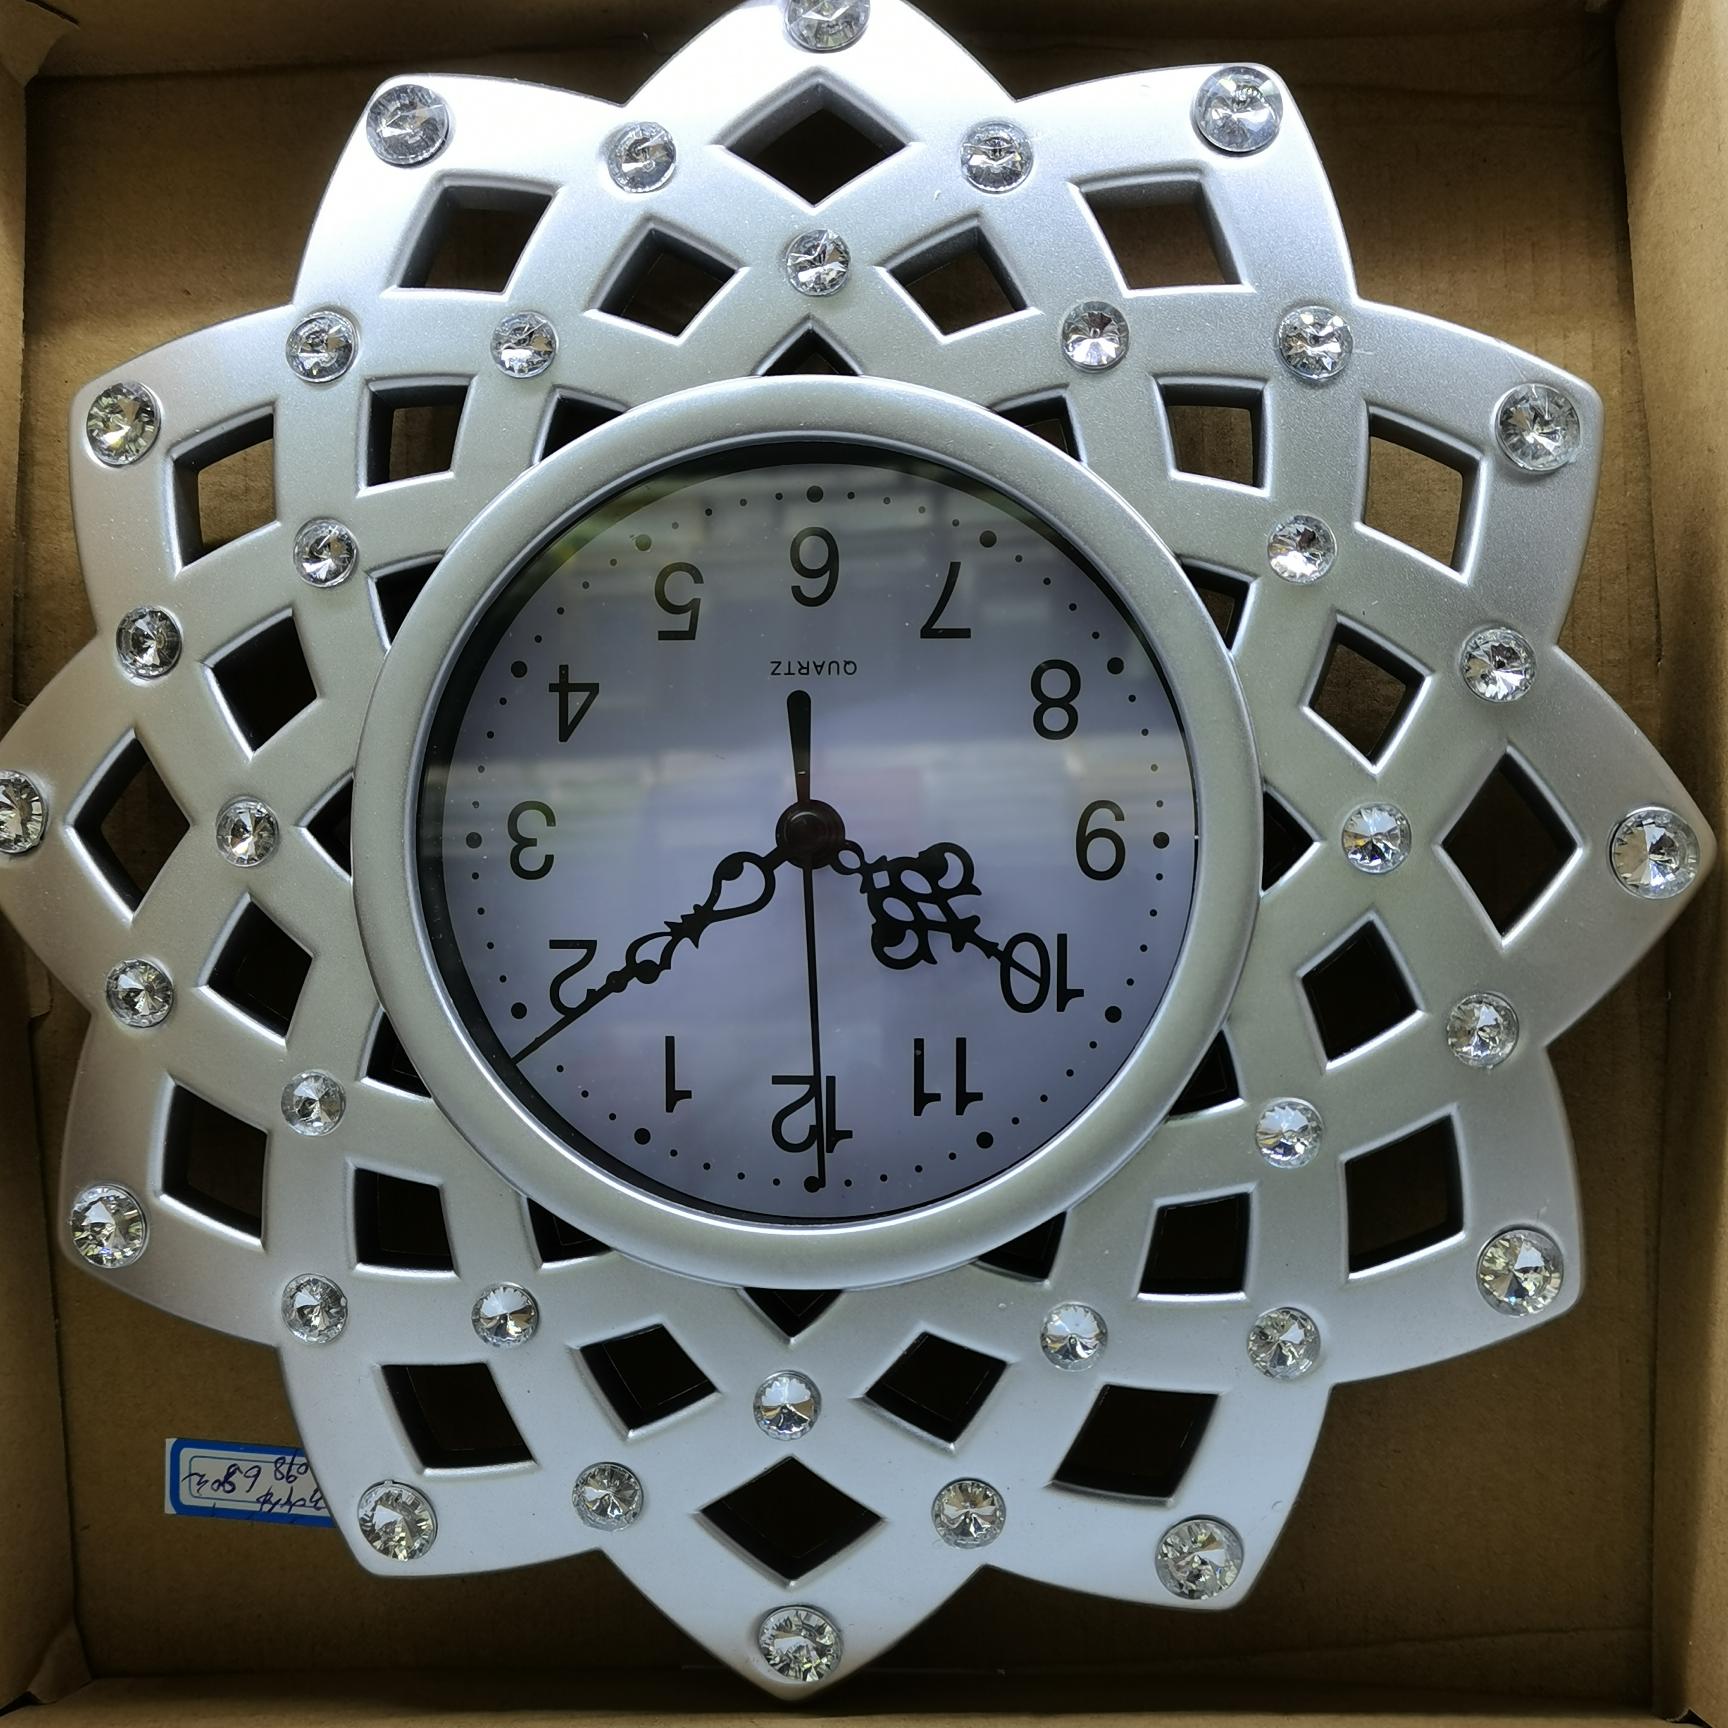 塑料相框挂墙钟表,尺寸可选创意现代宜家相架画框017型